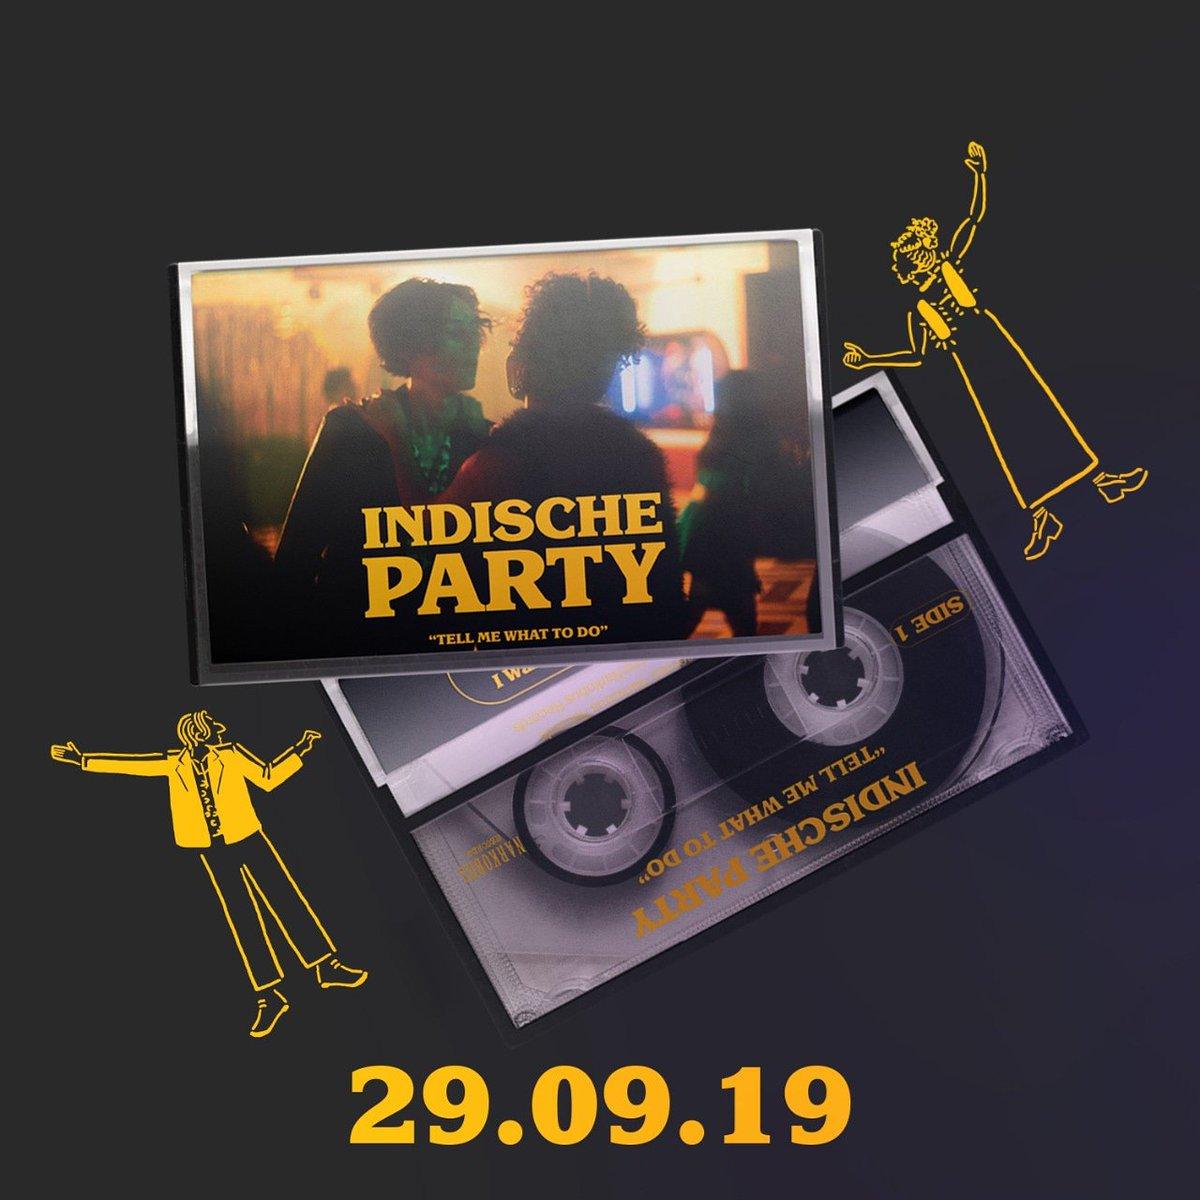 kaset Indische Party